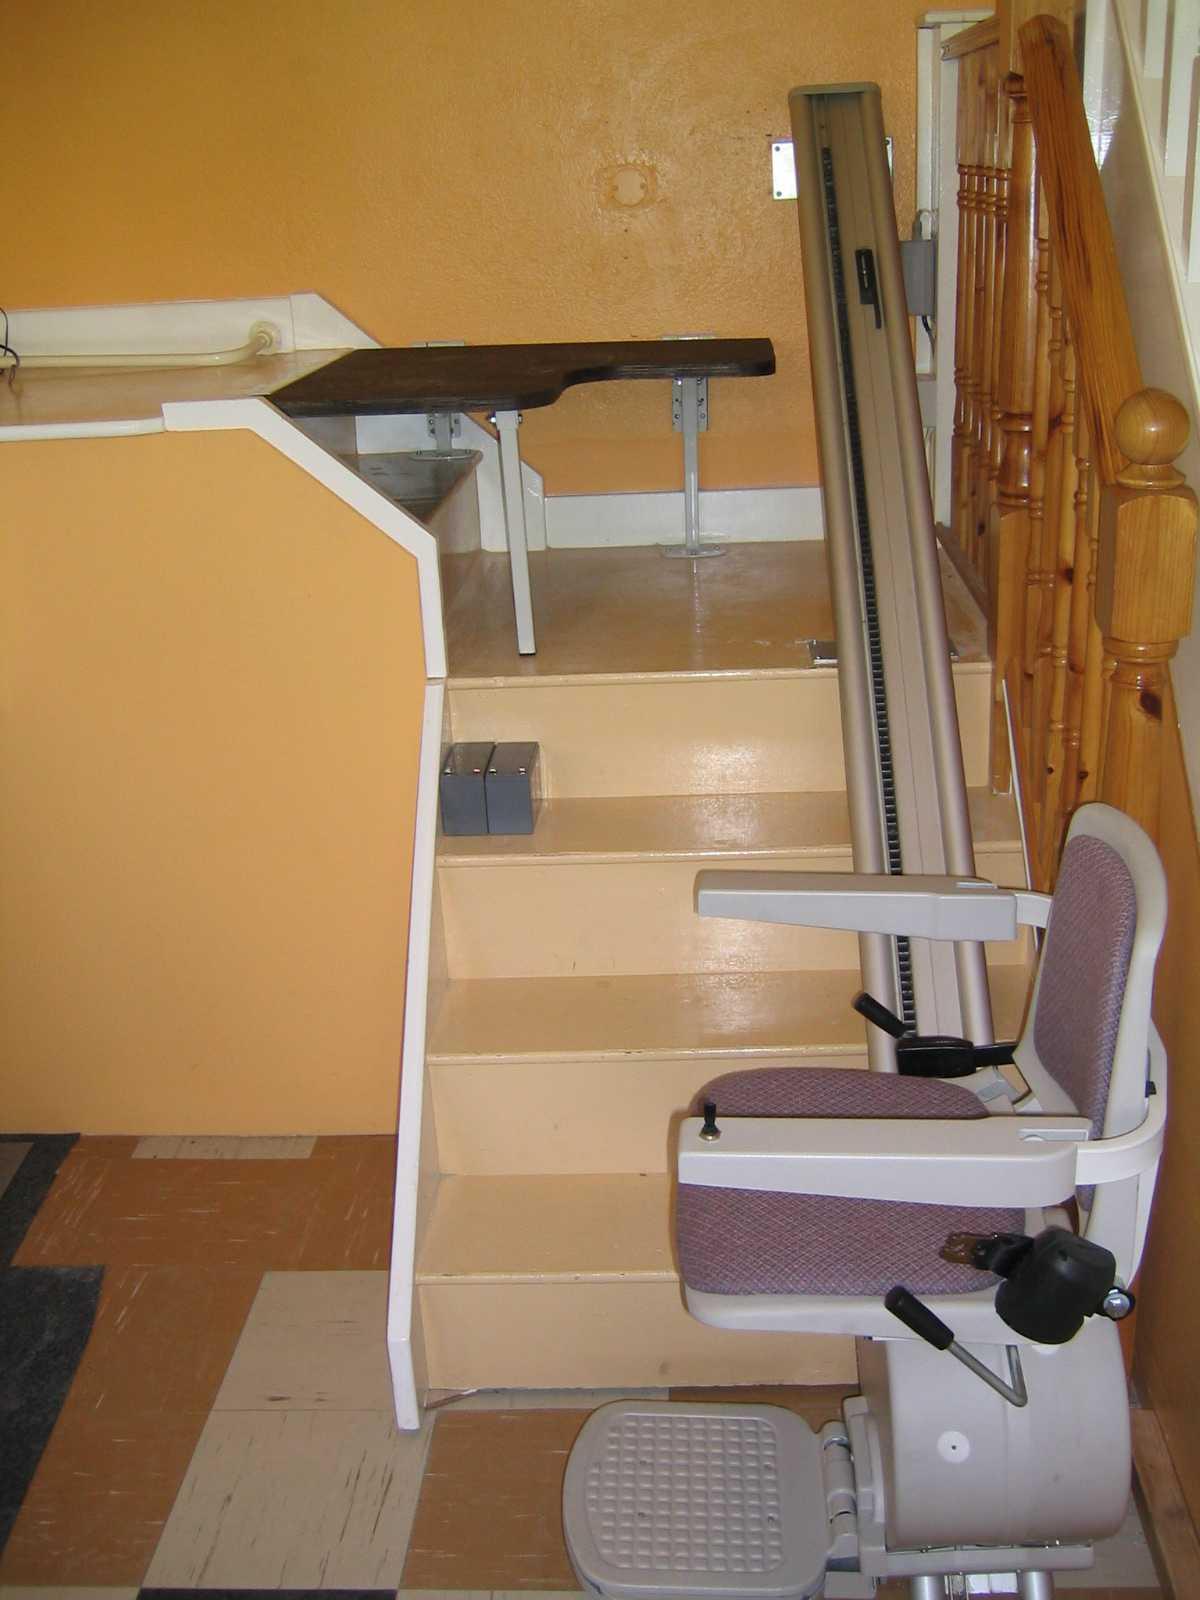 Sillas salvaescaleras para discapacitados y mayores for Sillas para escaleras minusvalidos